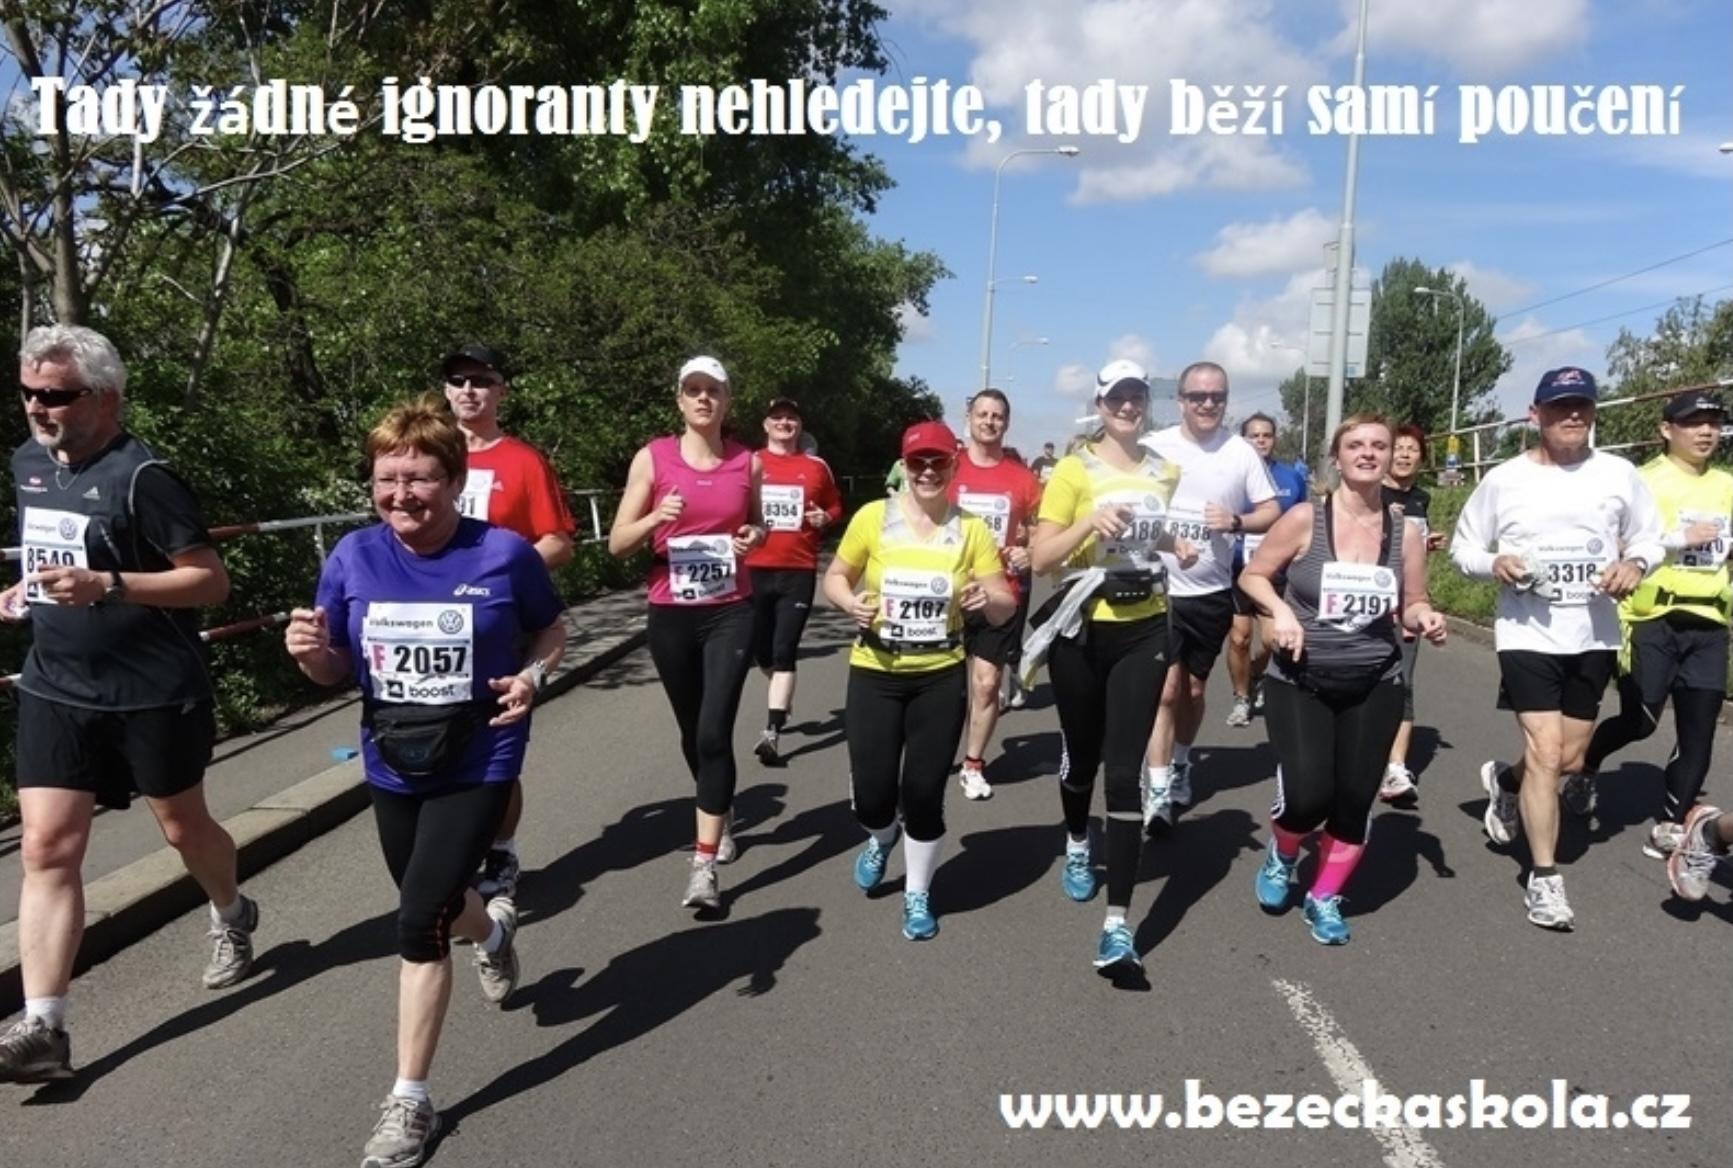 Maraton se běží za pět dní. Rady pro notorické ignoranty